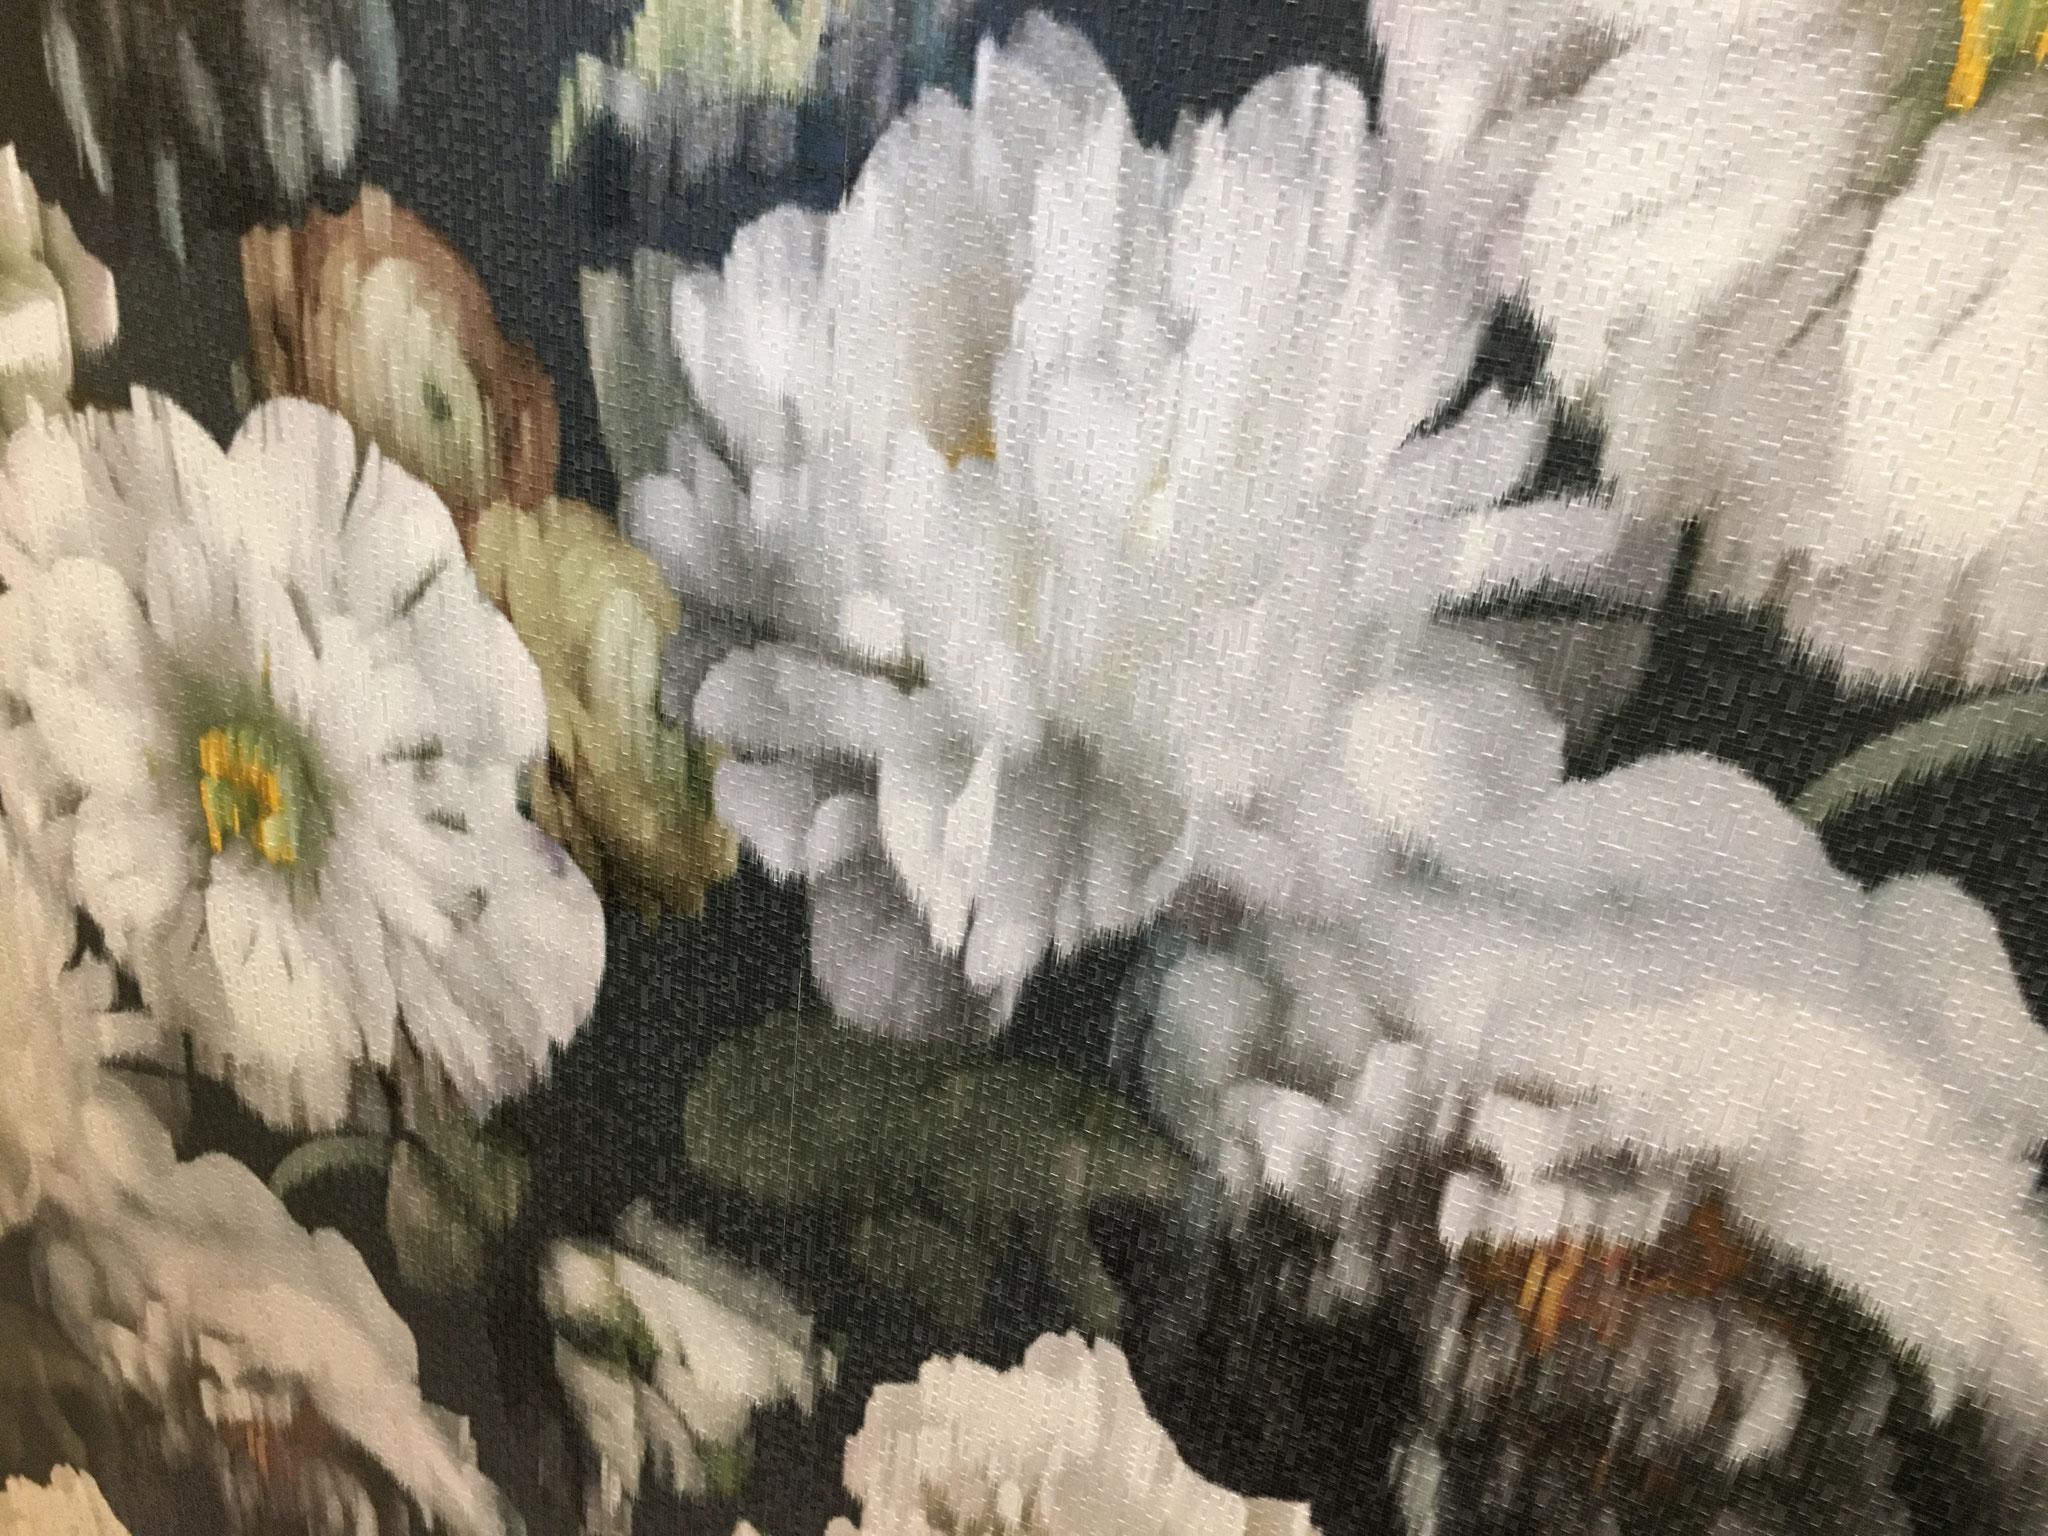 hochwertige Tapeten gezielt als Hingucker einsetzen